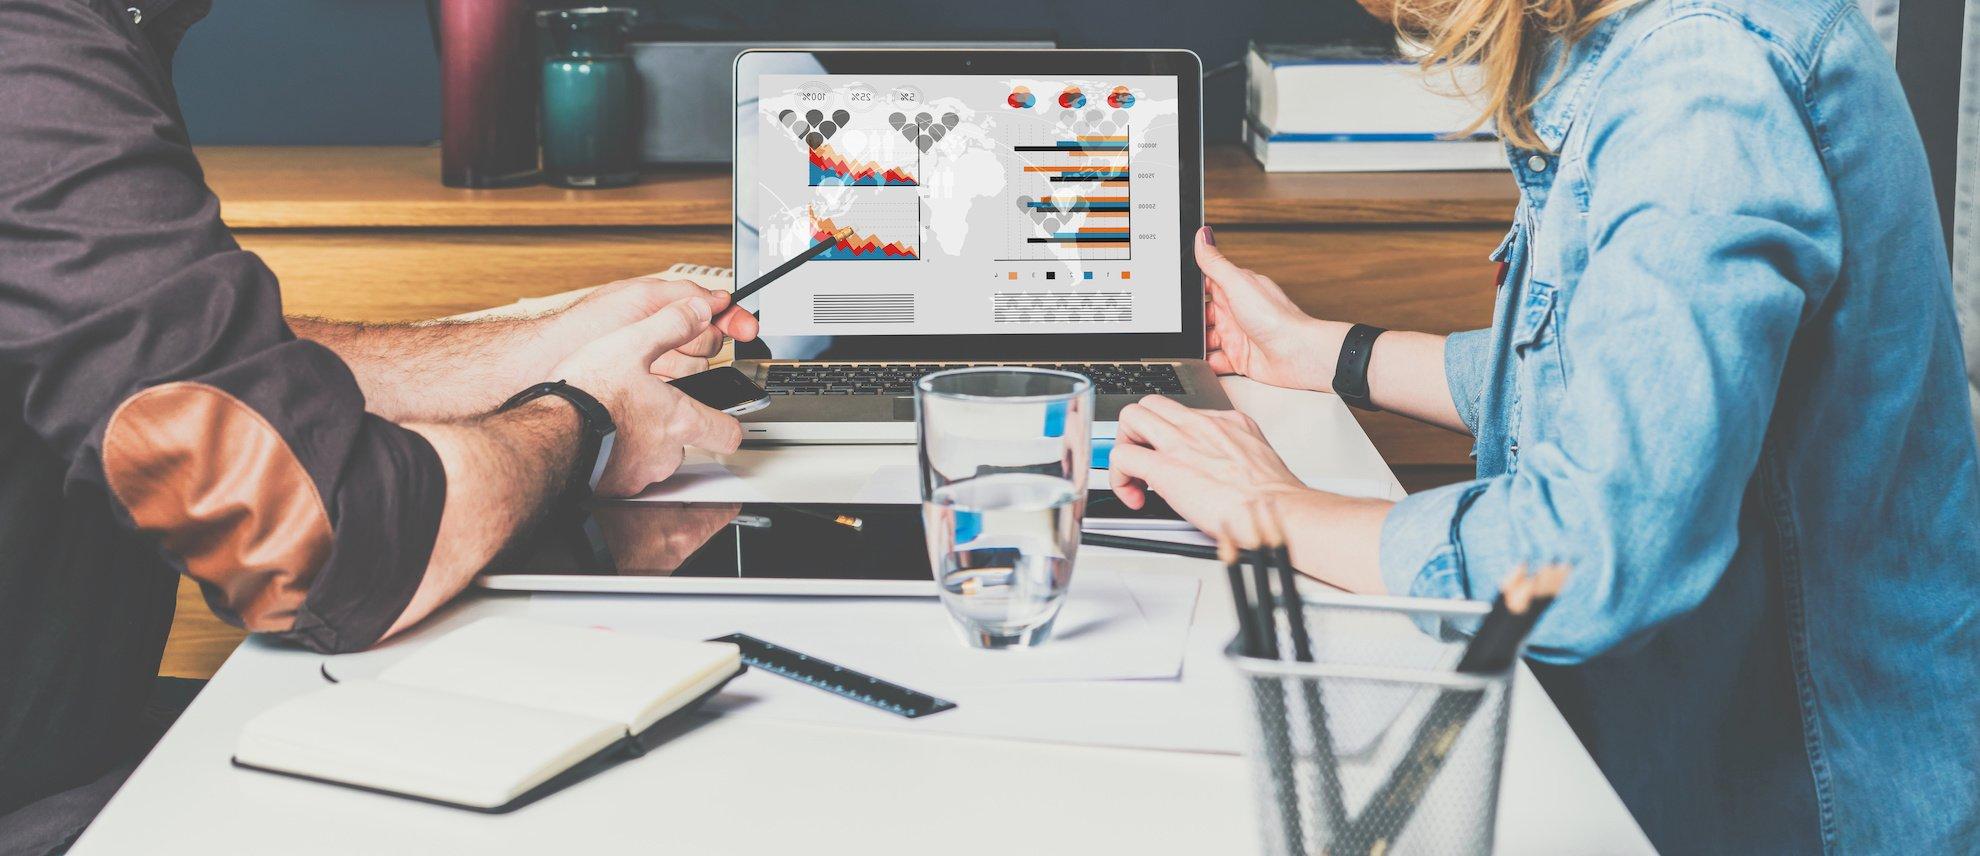 Photo centrée sur un ordinateur d'un homme et une femme qui regarde des statistiques